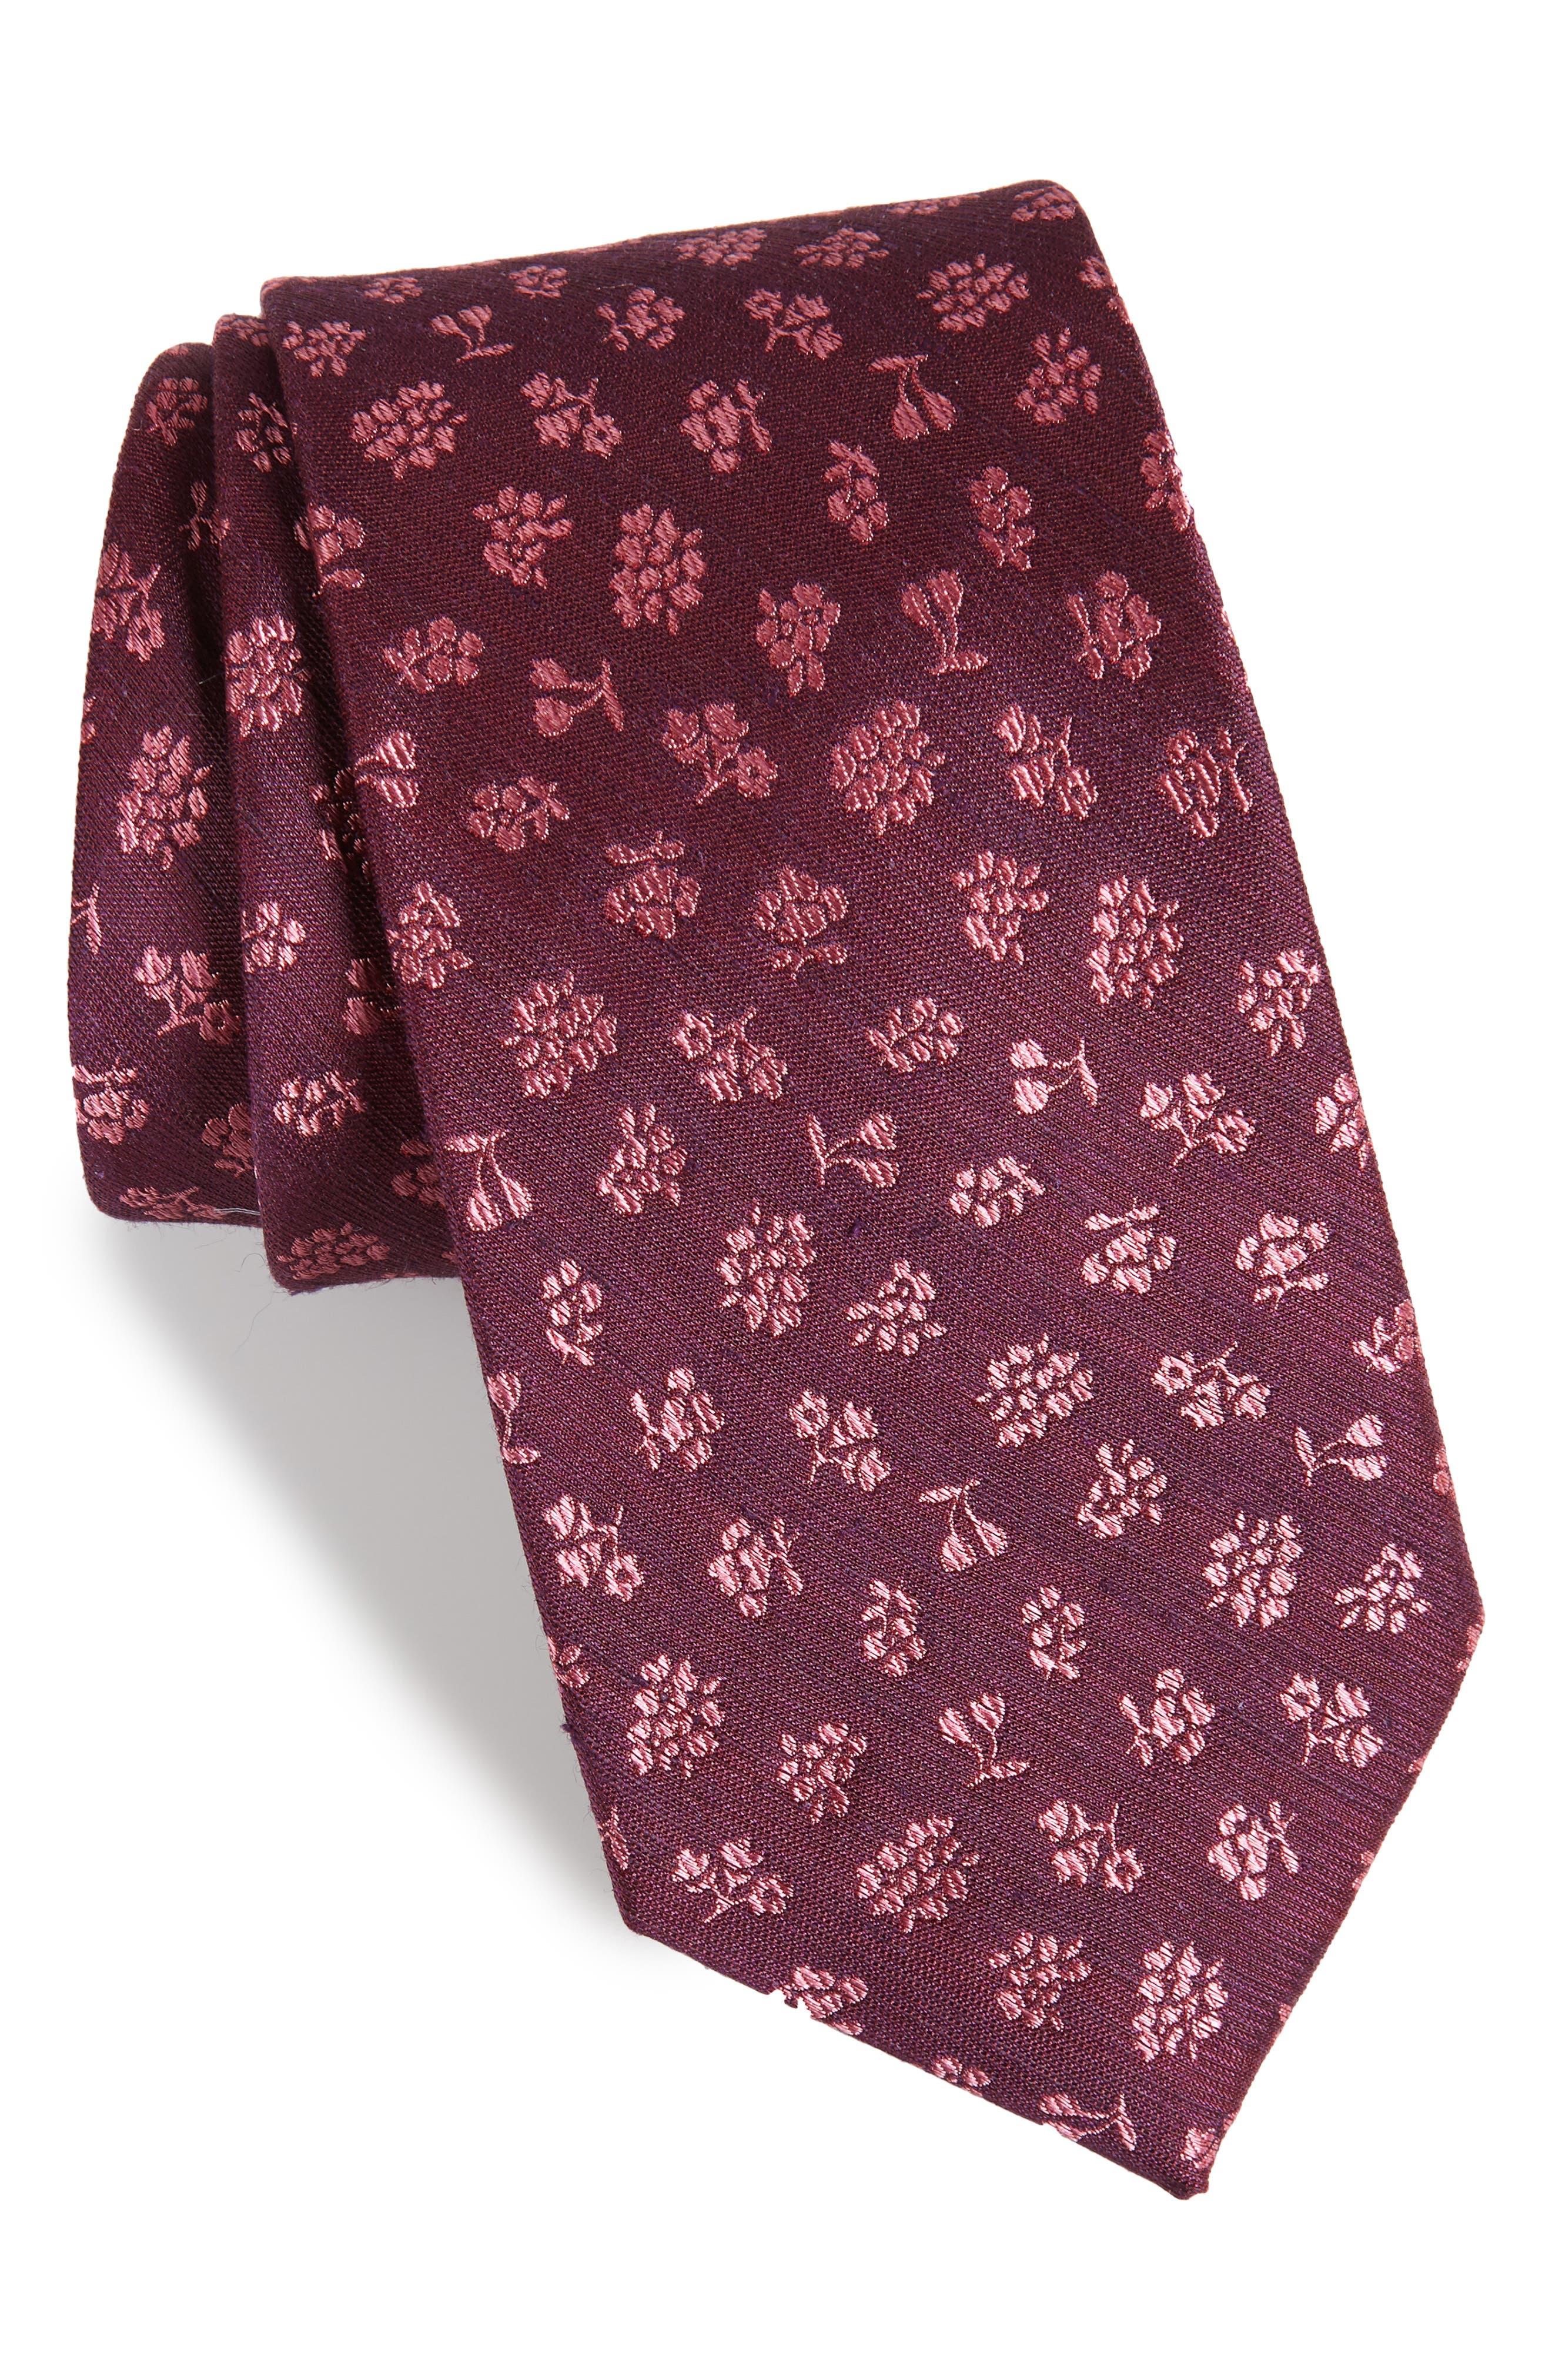 Fruta Floral Silk & Linen Tie,                         Main,                         color, Wine